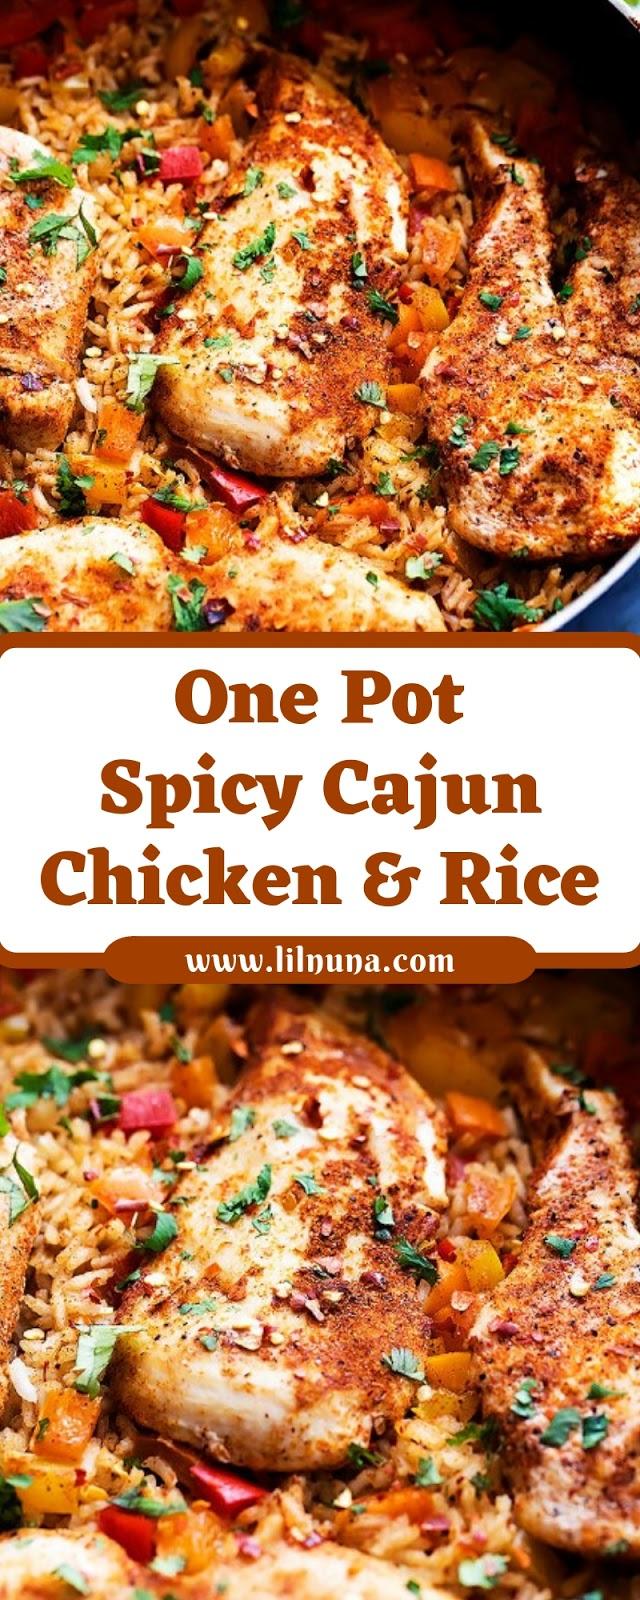 One Pot Spicy Cajun Chicken & Rice